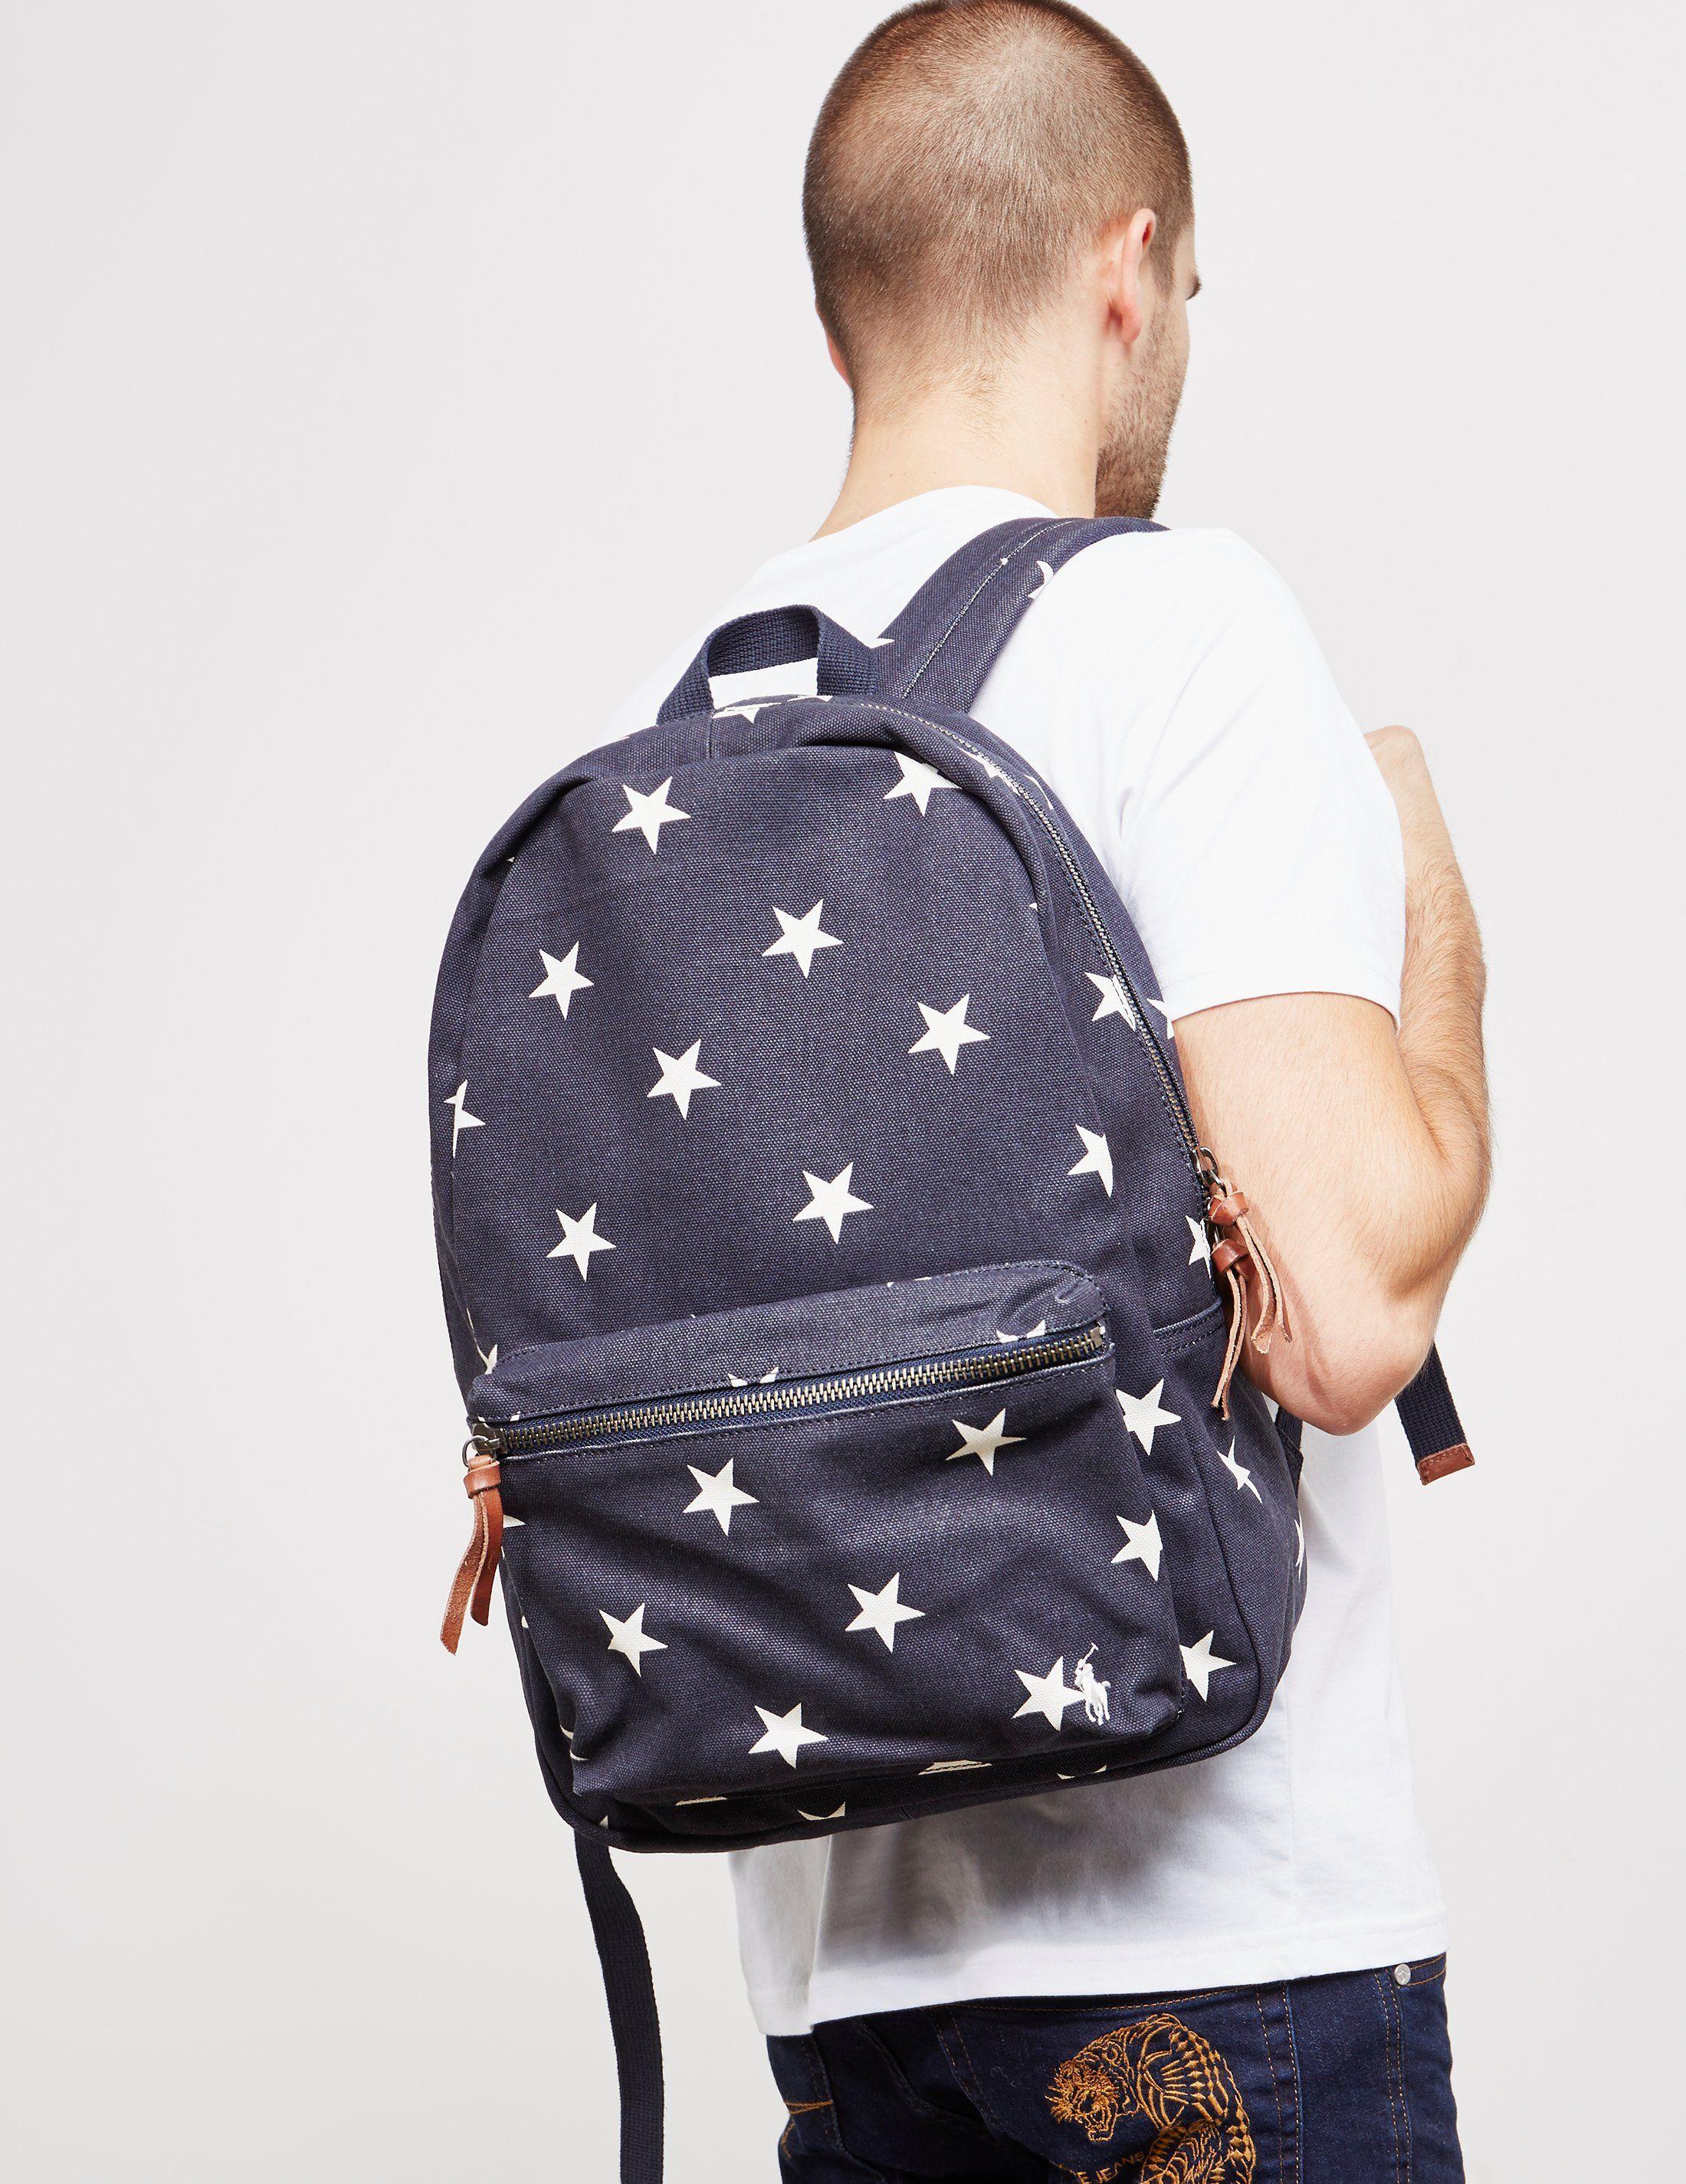 Polo Ralph Lauren Stars Backpack - Online Exclusive